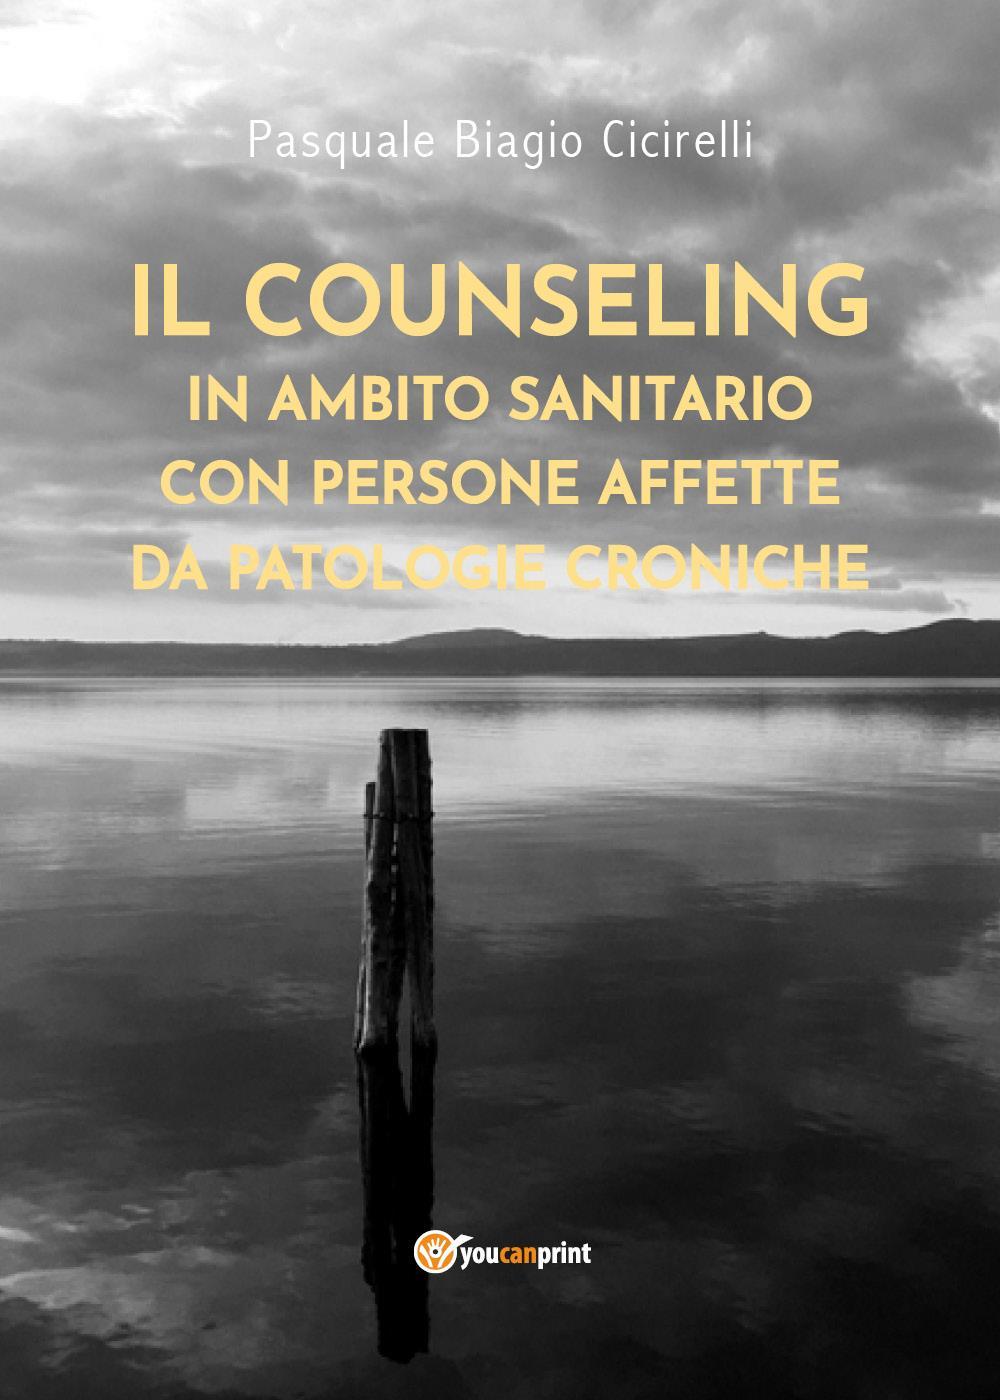 Il Counseling in ambito sanitario con persone affette da patologie croniche